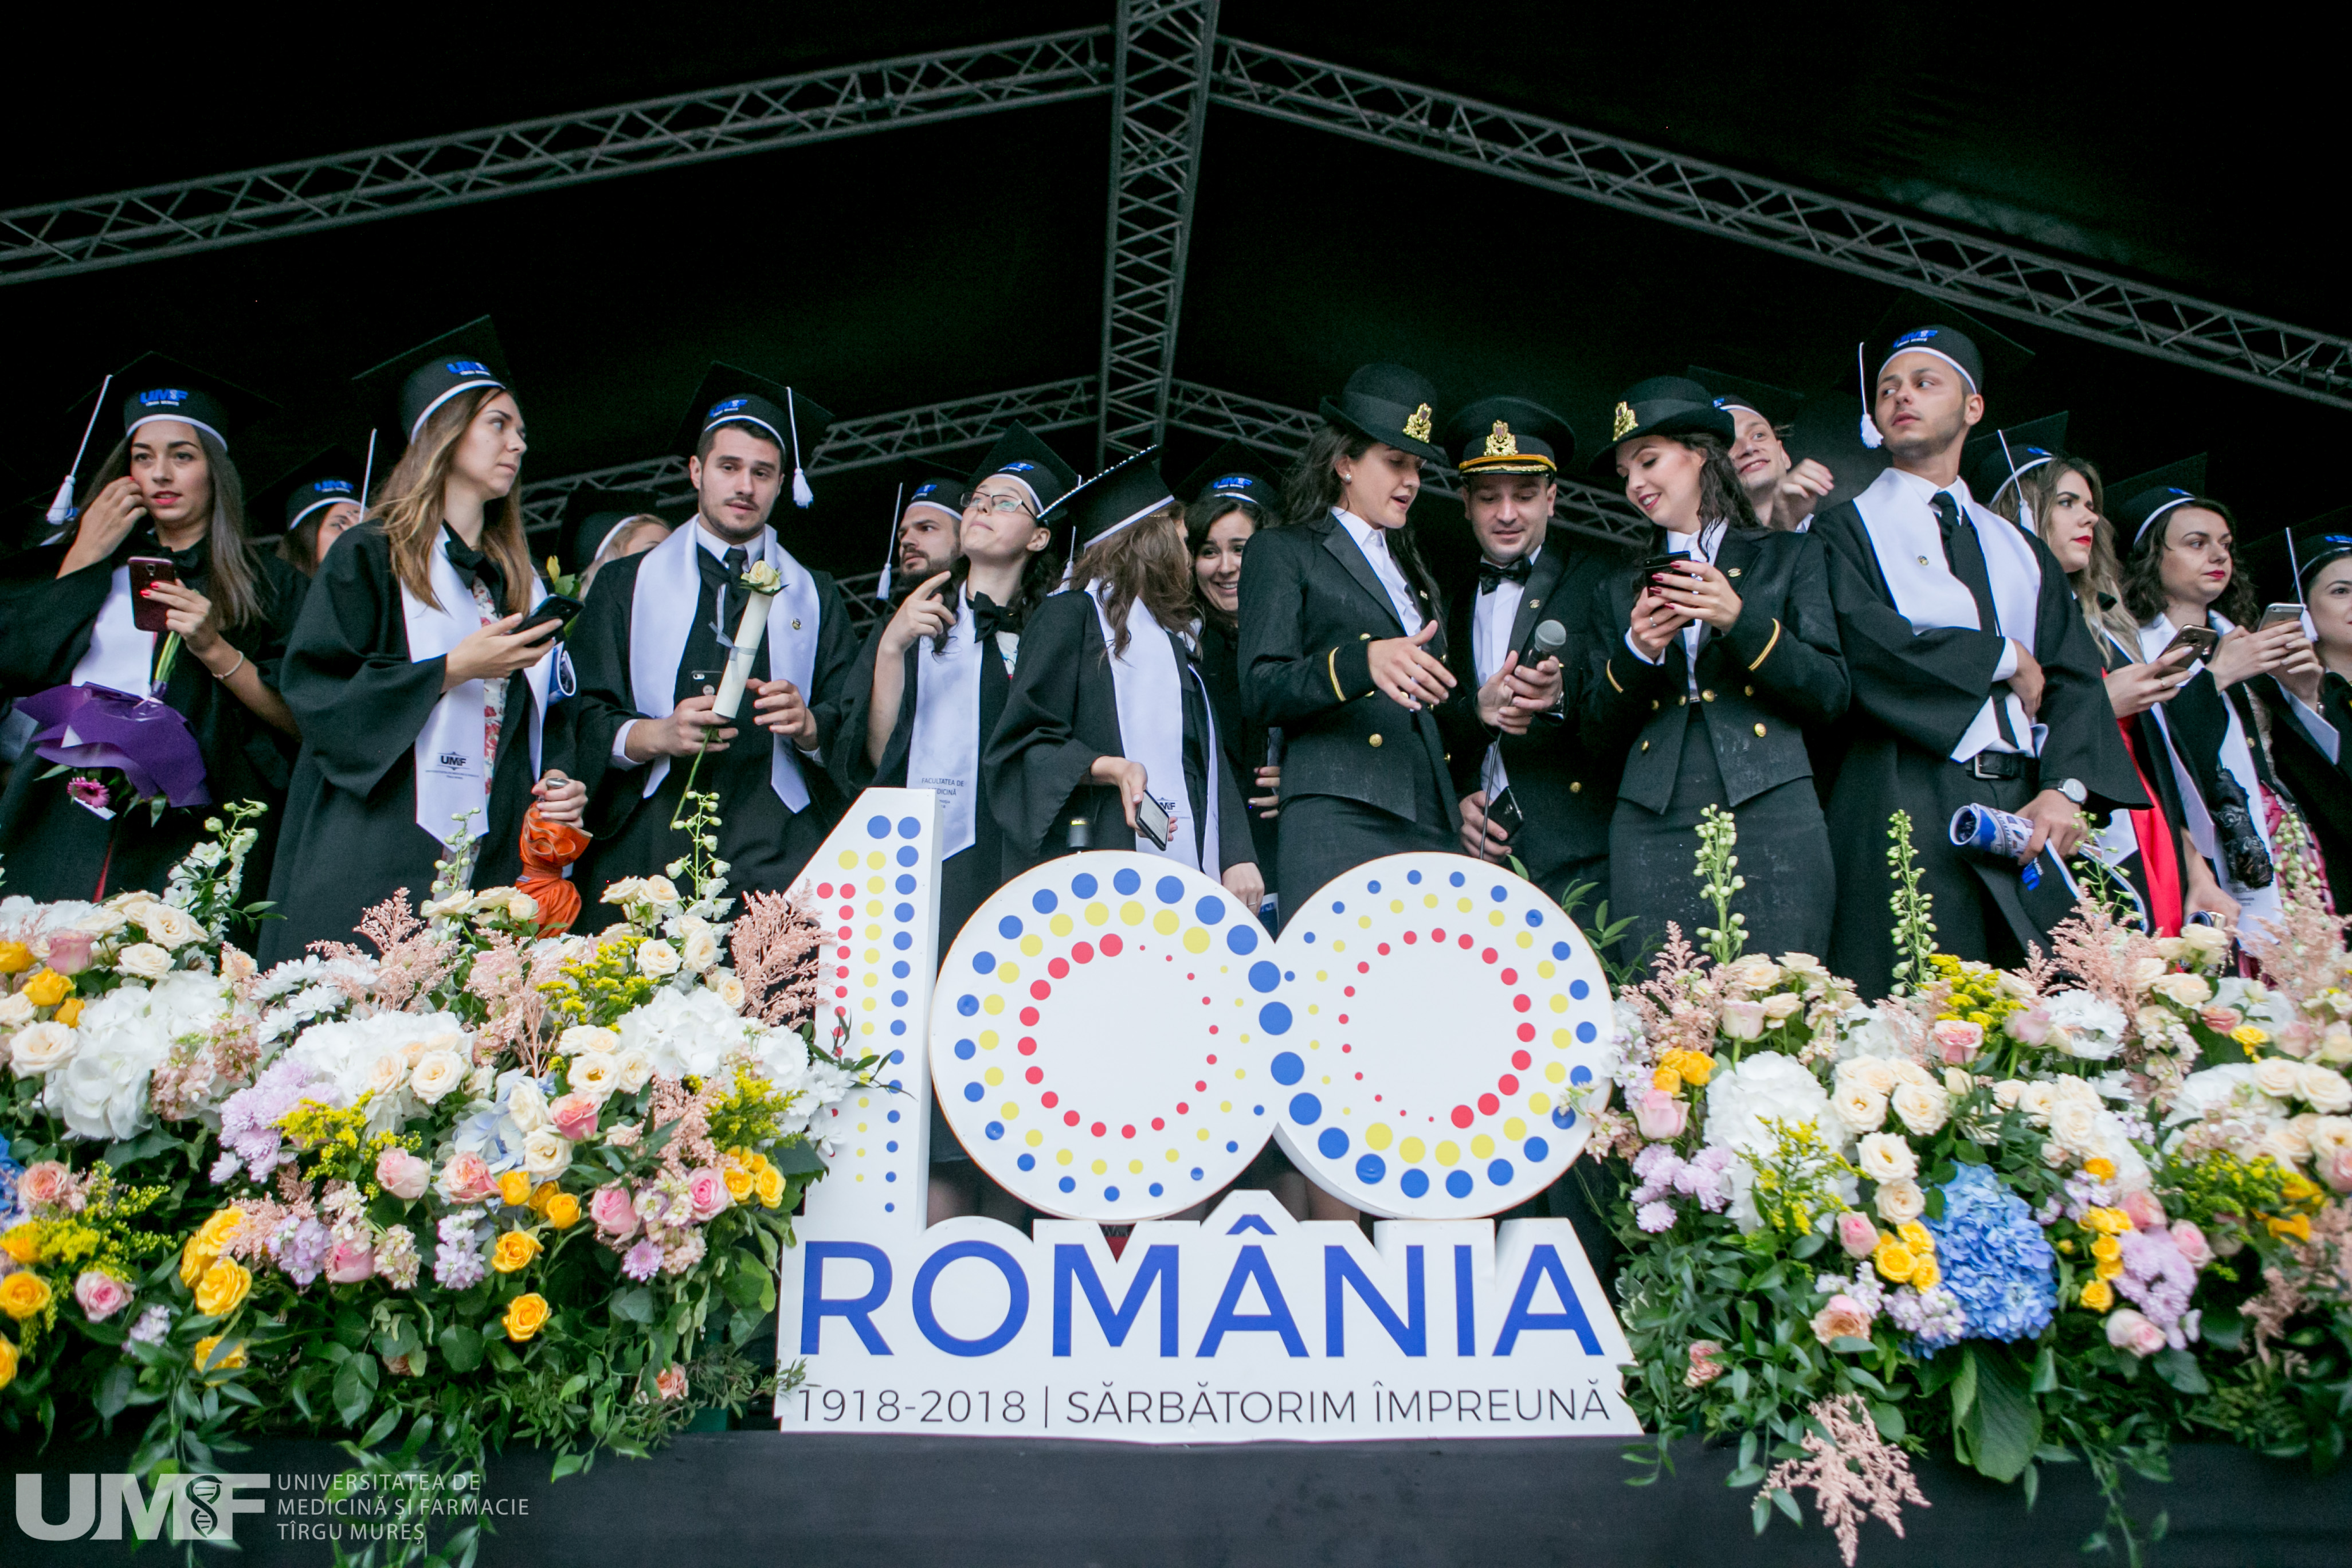 Festivitatea de absolvire a UMF Tîrgu Mureș. Peste 900 de absolvenți au rostit jurământul lui Hipocrate în Piața Teatrului